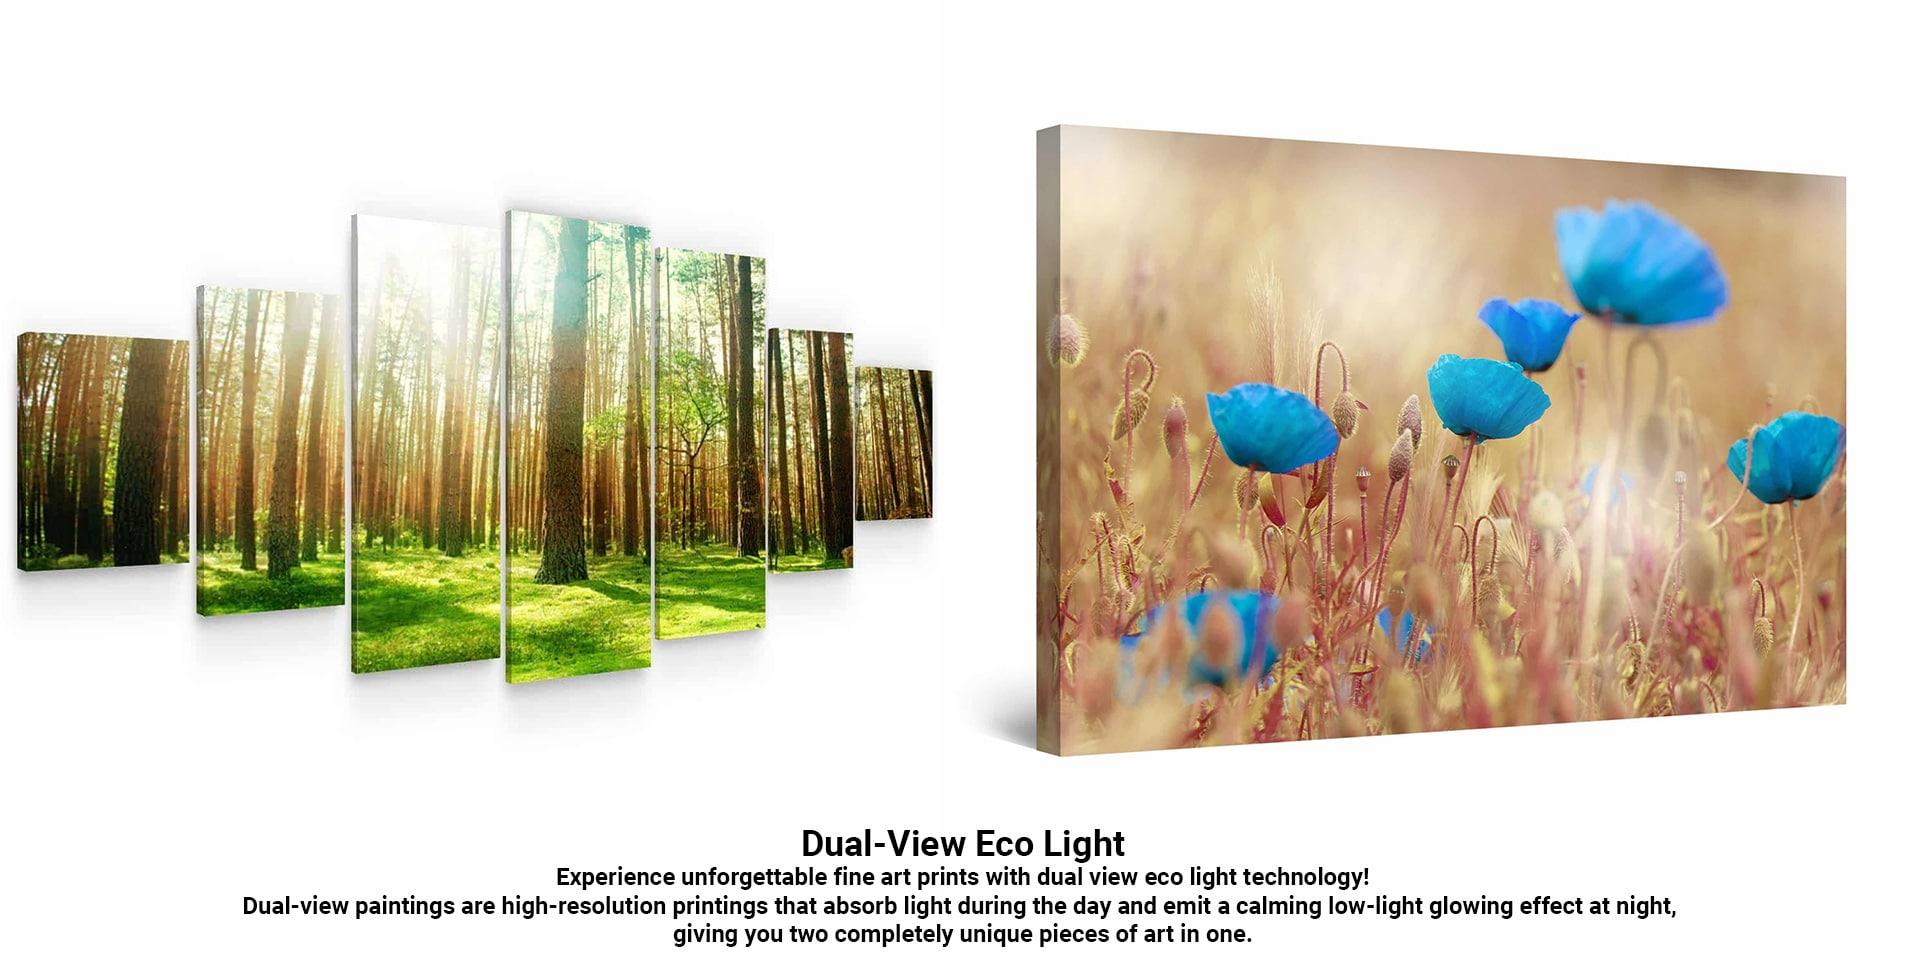 Dual-View Eco Light